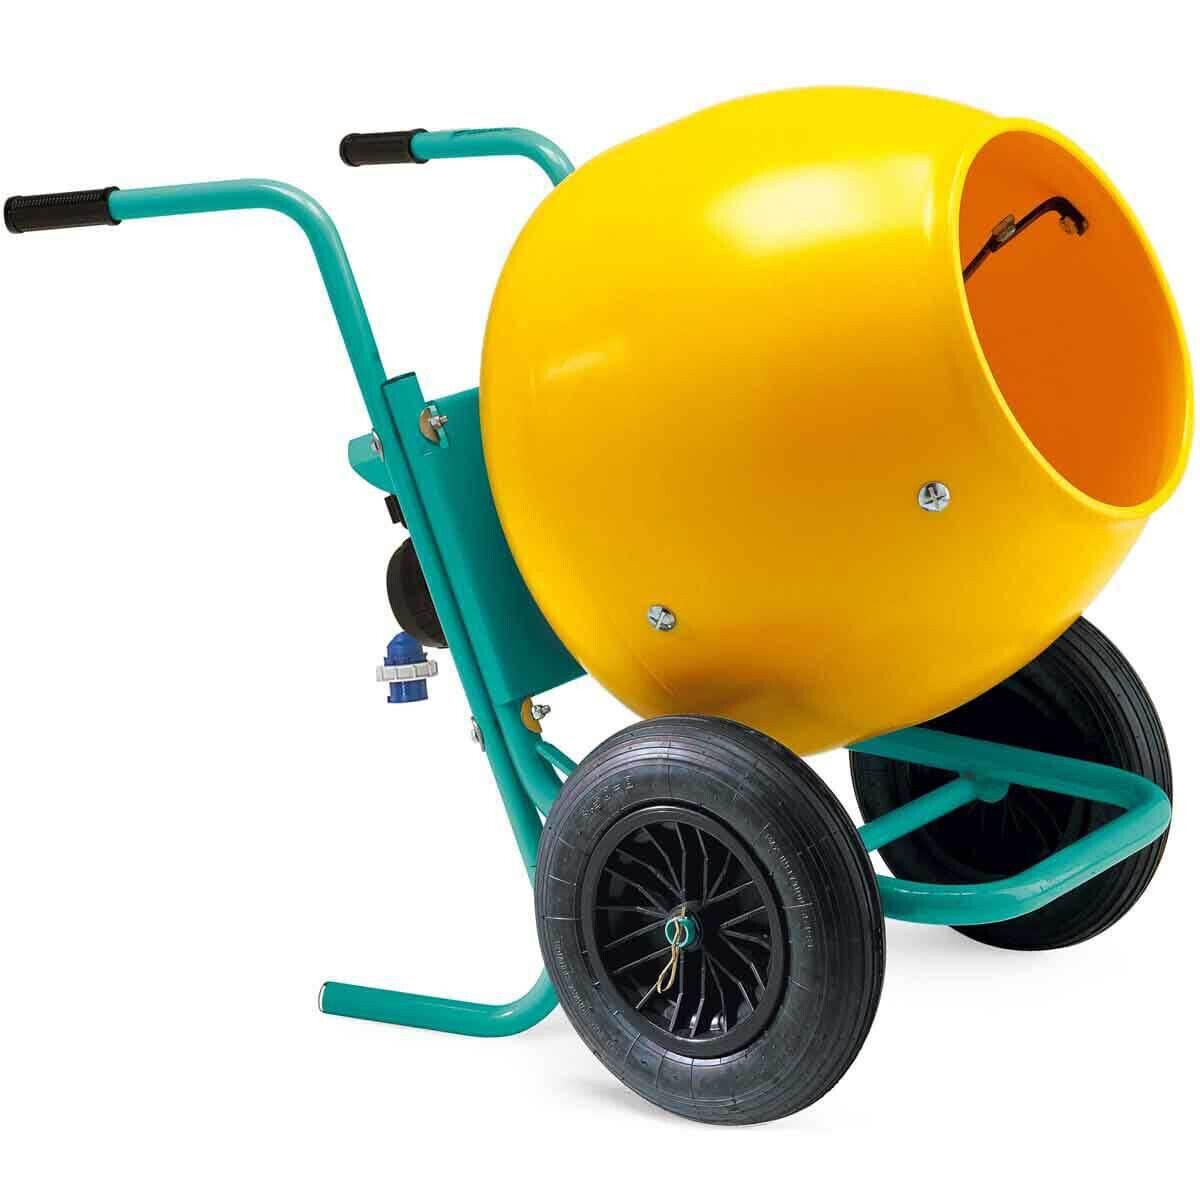 Imer Wheelman Electric Concrete Mixer